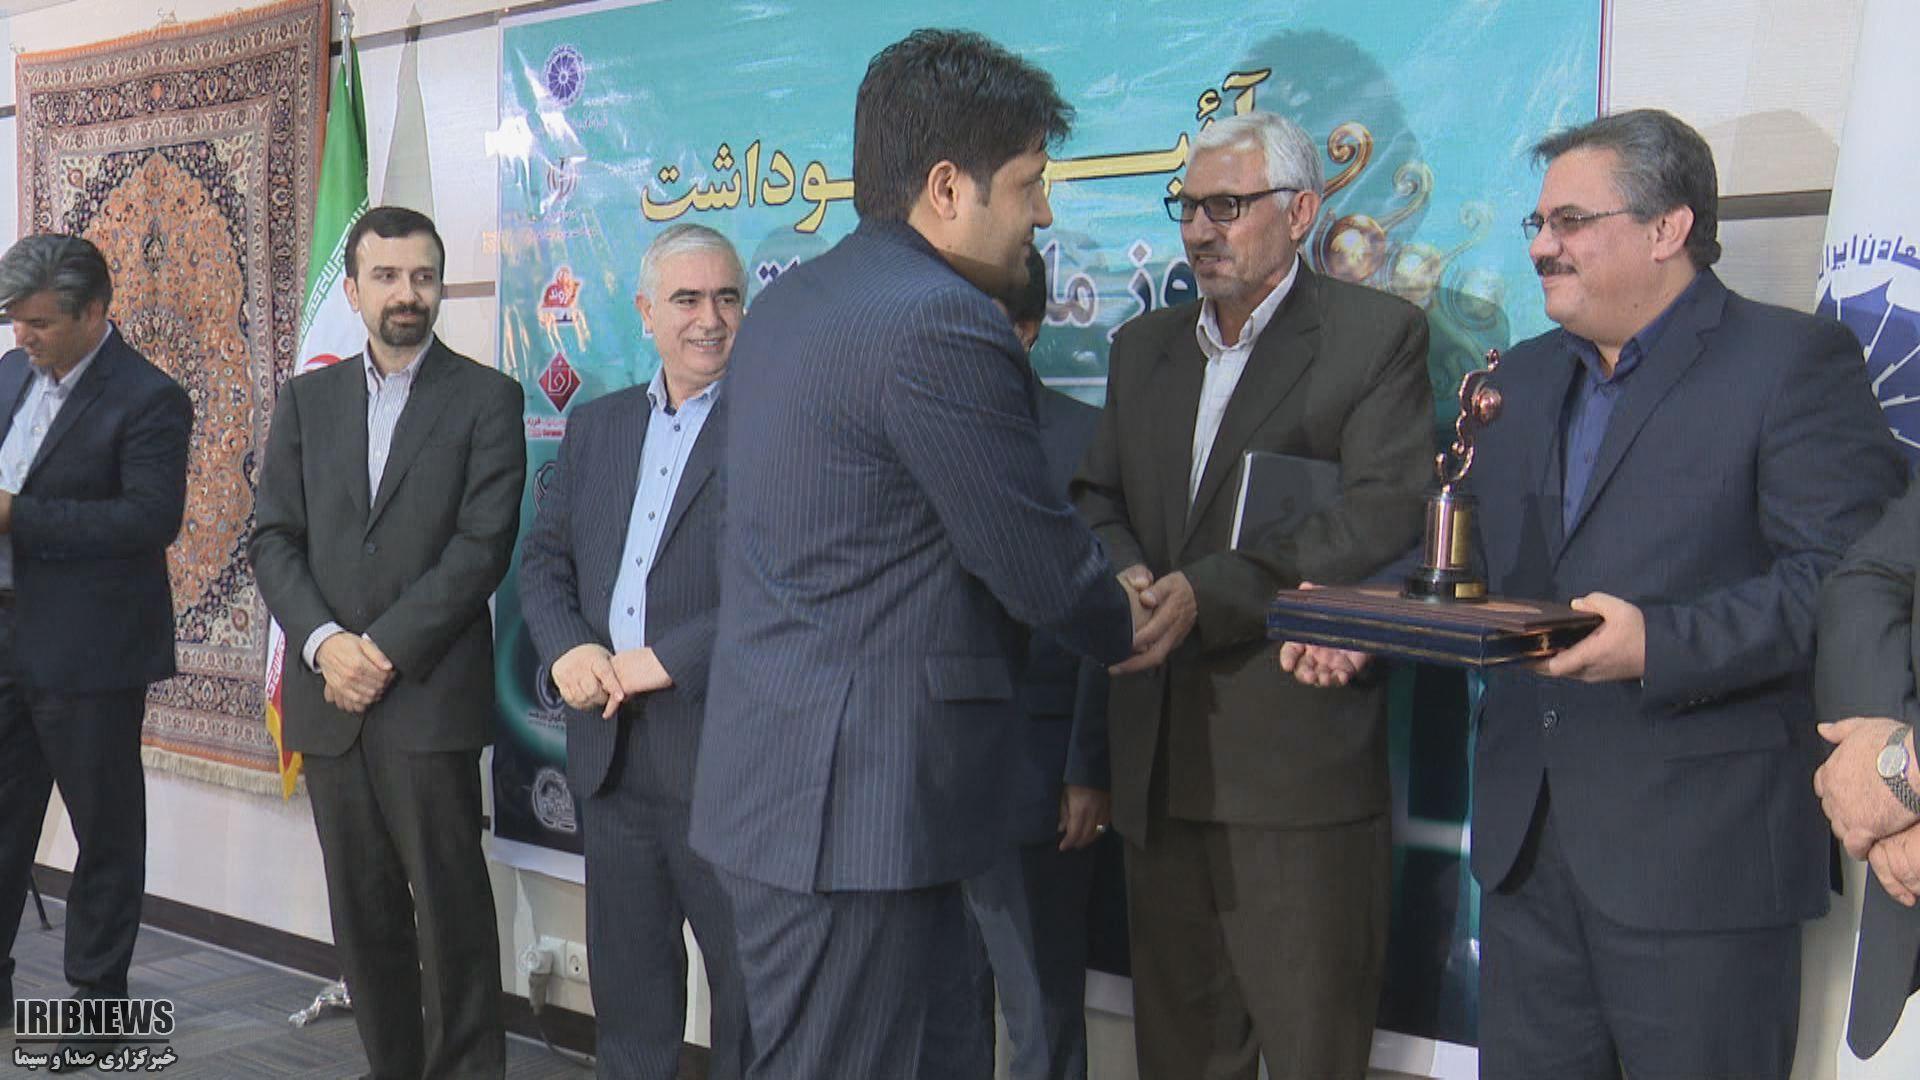 افزایش محسوس صادرات غیر نفتی افزایش 4 درصدی صادرات غیر نفتی از ایران + فیلم